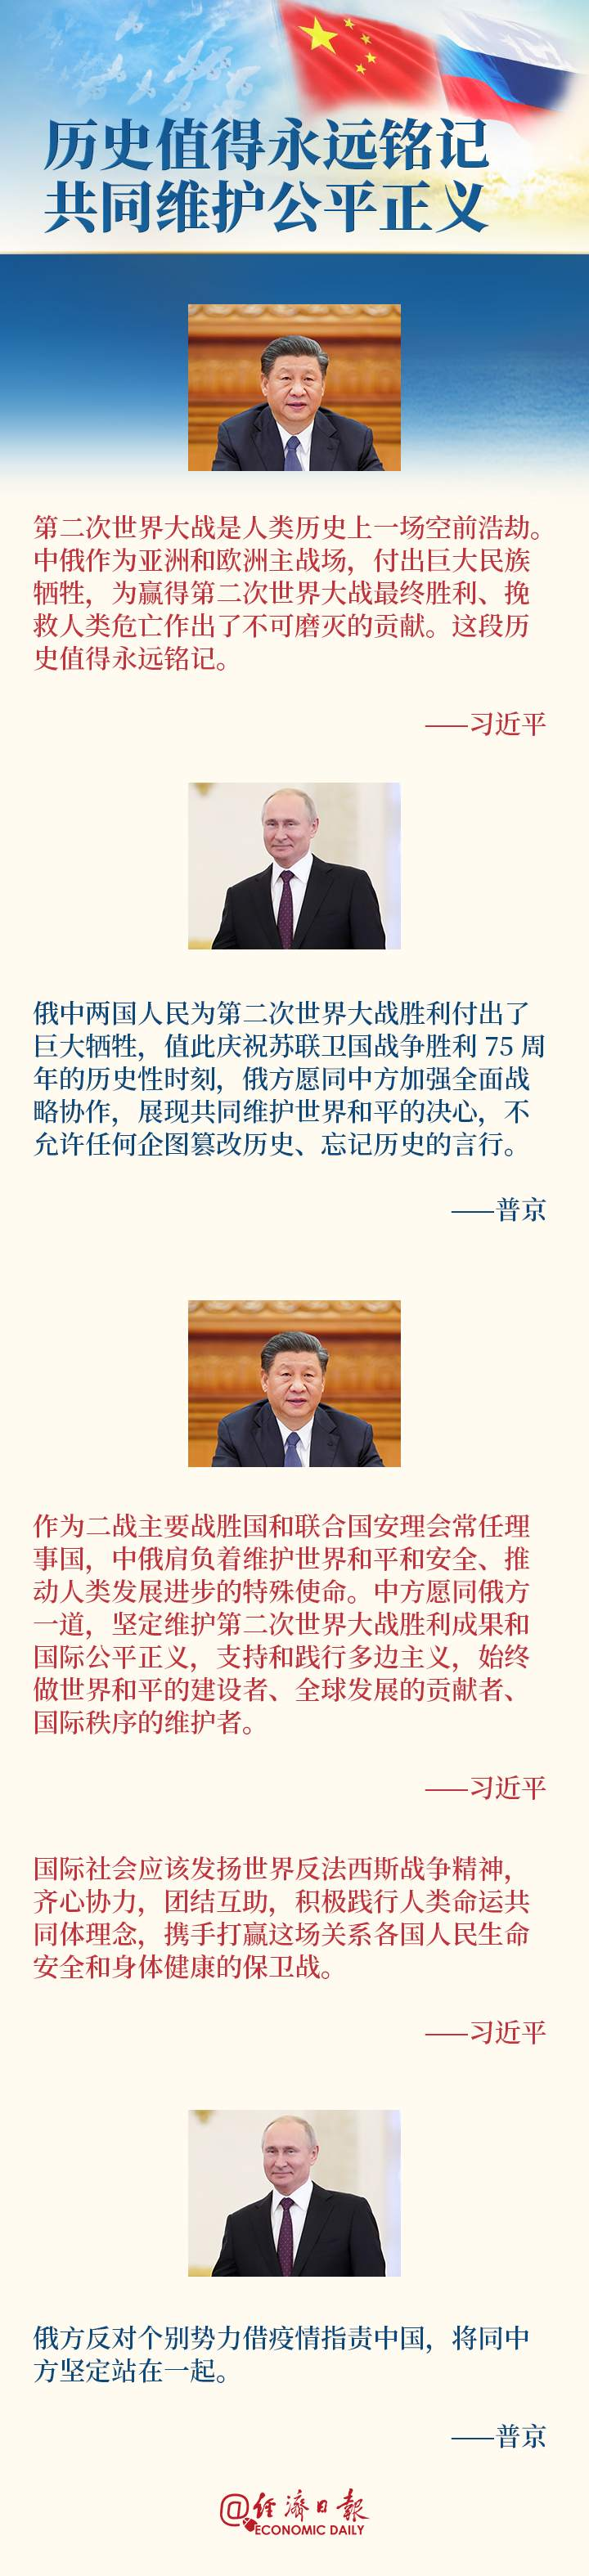 """e学习 两月三通话,中俄两国""""坚定站在一起"""""""